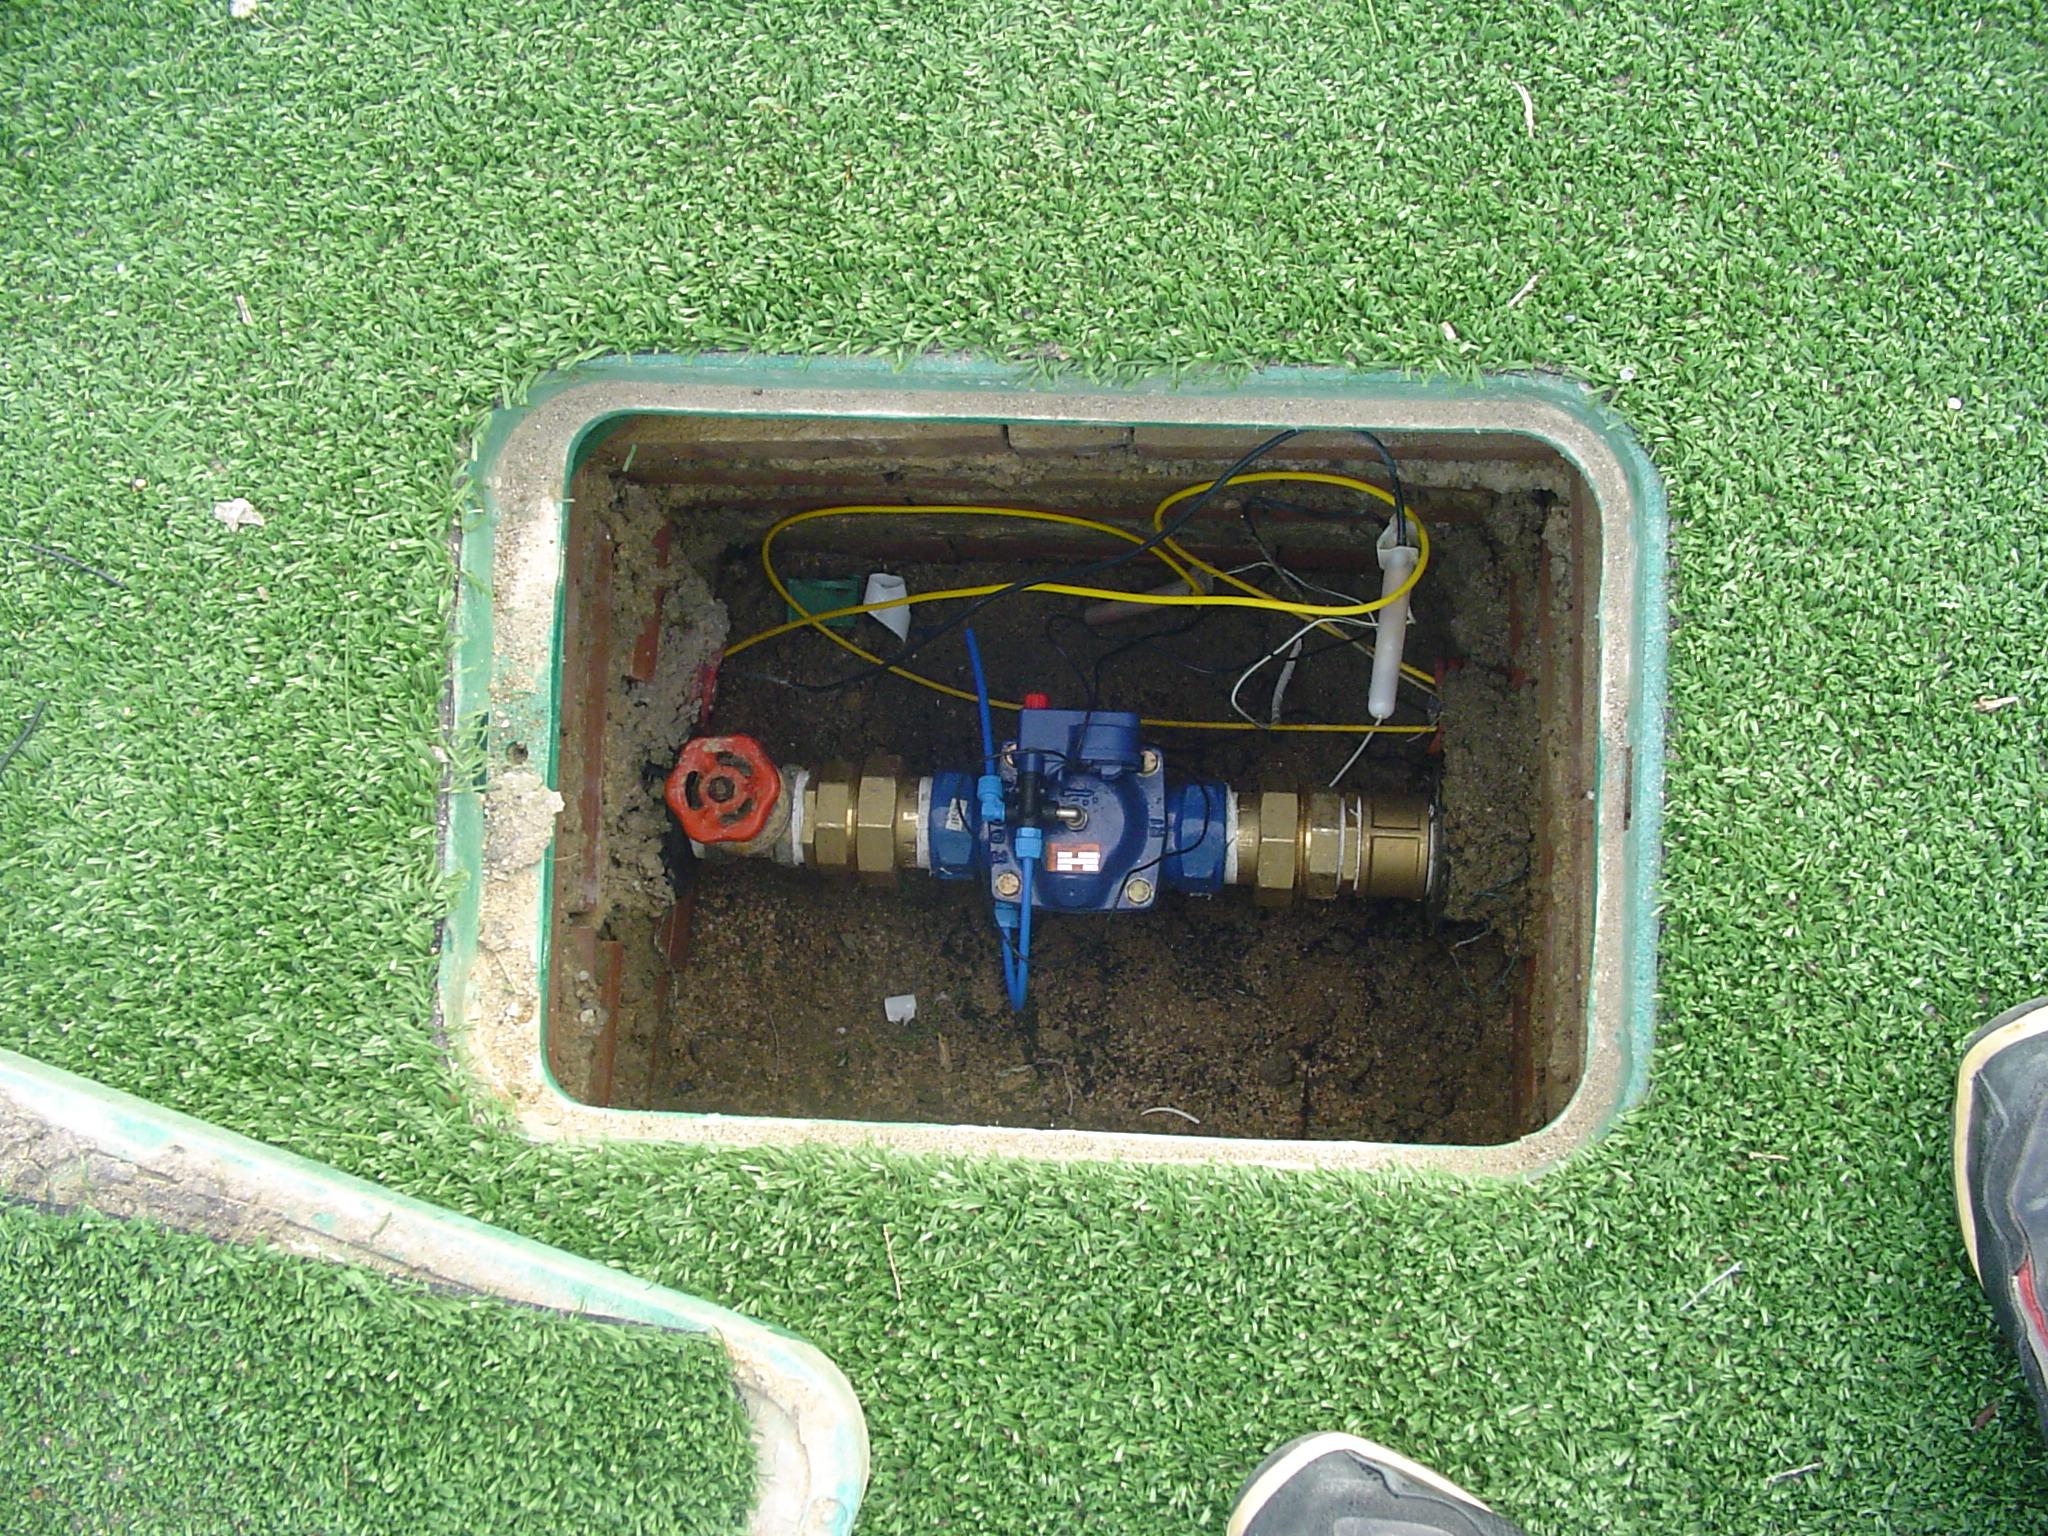 Impianto idrico per giardino termosifoni in ghisa scheda - Impianto d irrigazione interrato ...